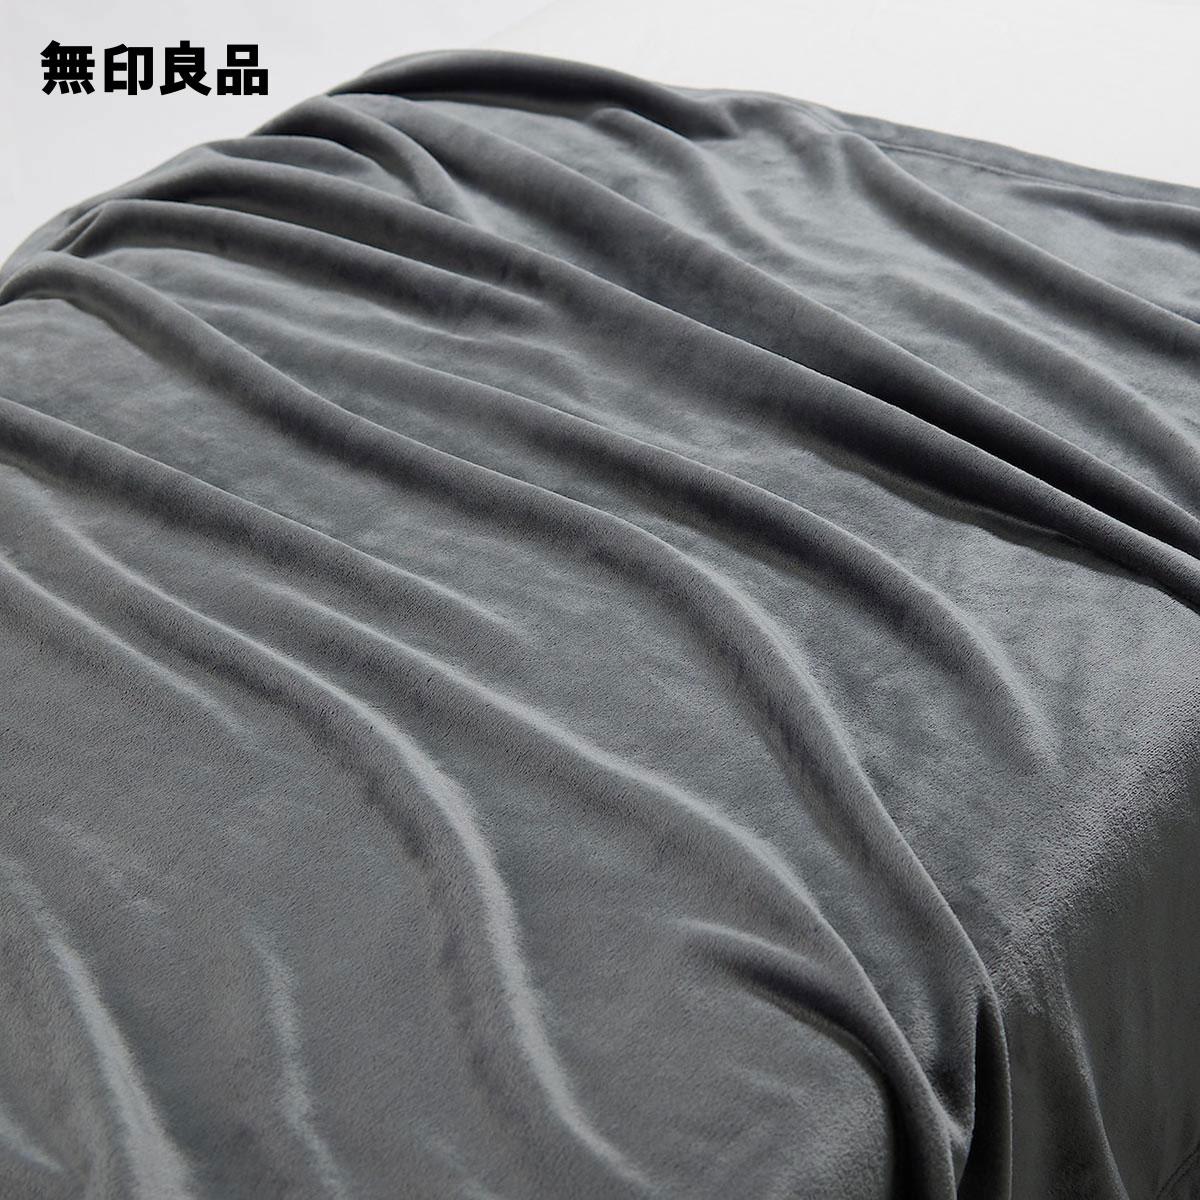 【無印良品 公式】薄手毛布・S/チャコール 140×200cm